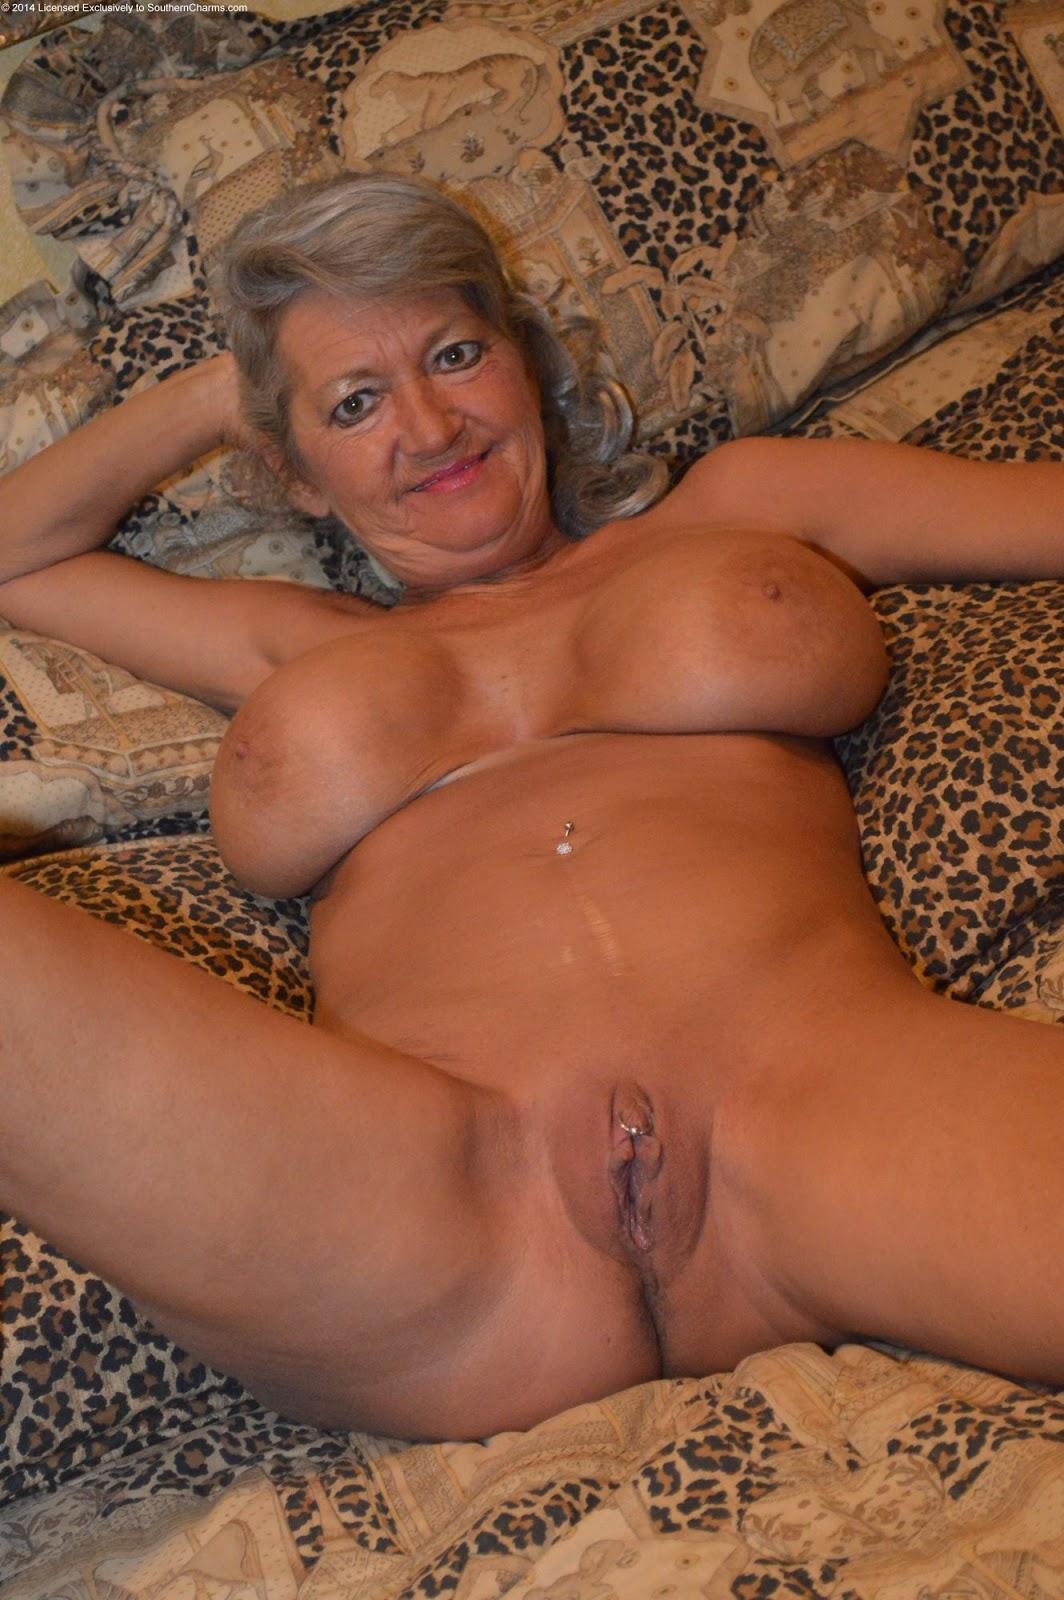 female stripper big tits porn